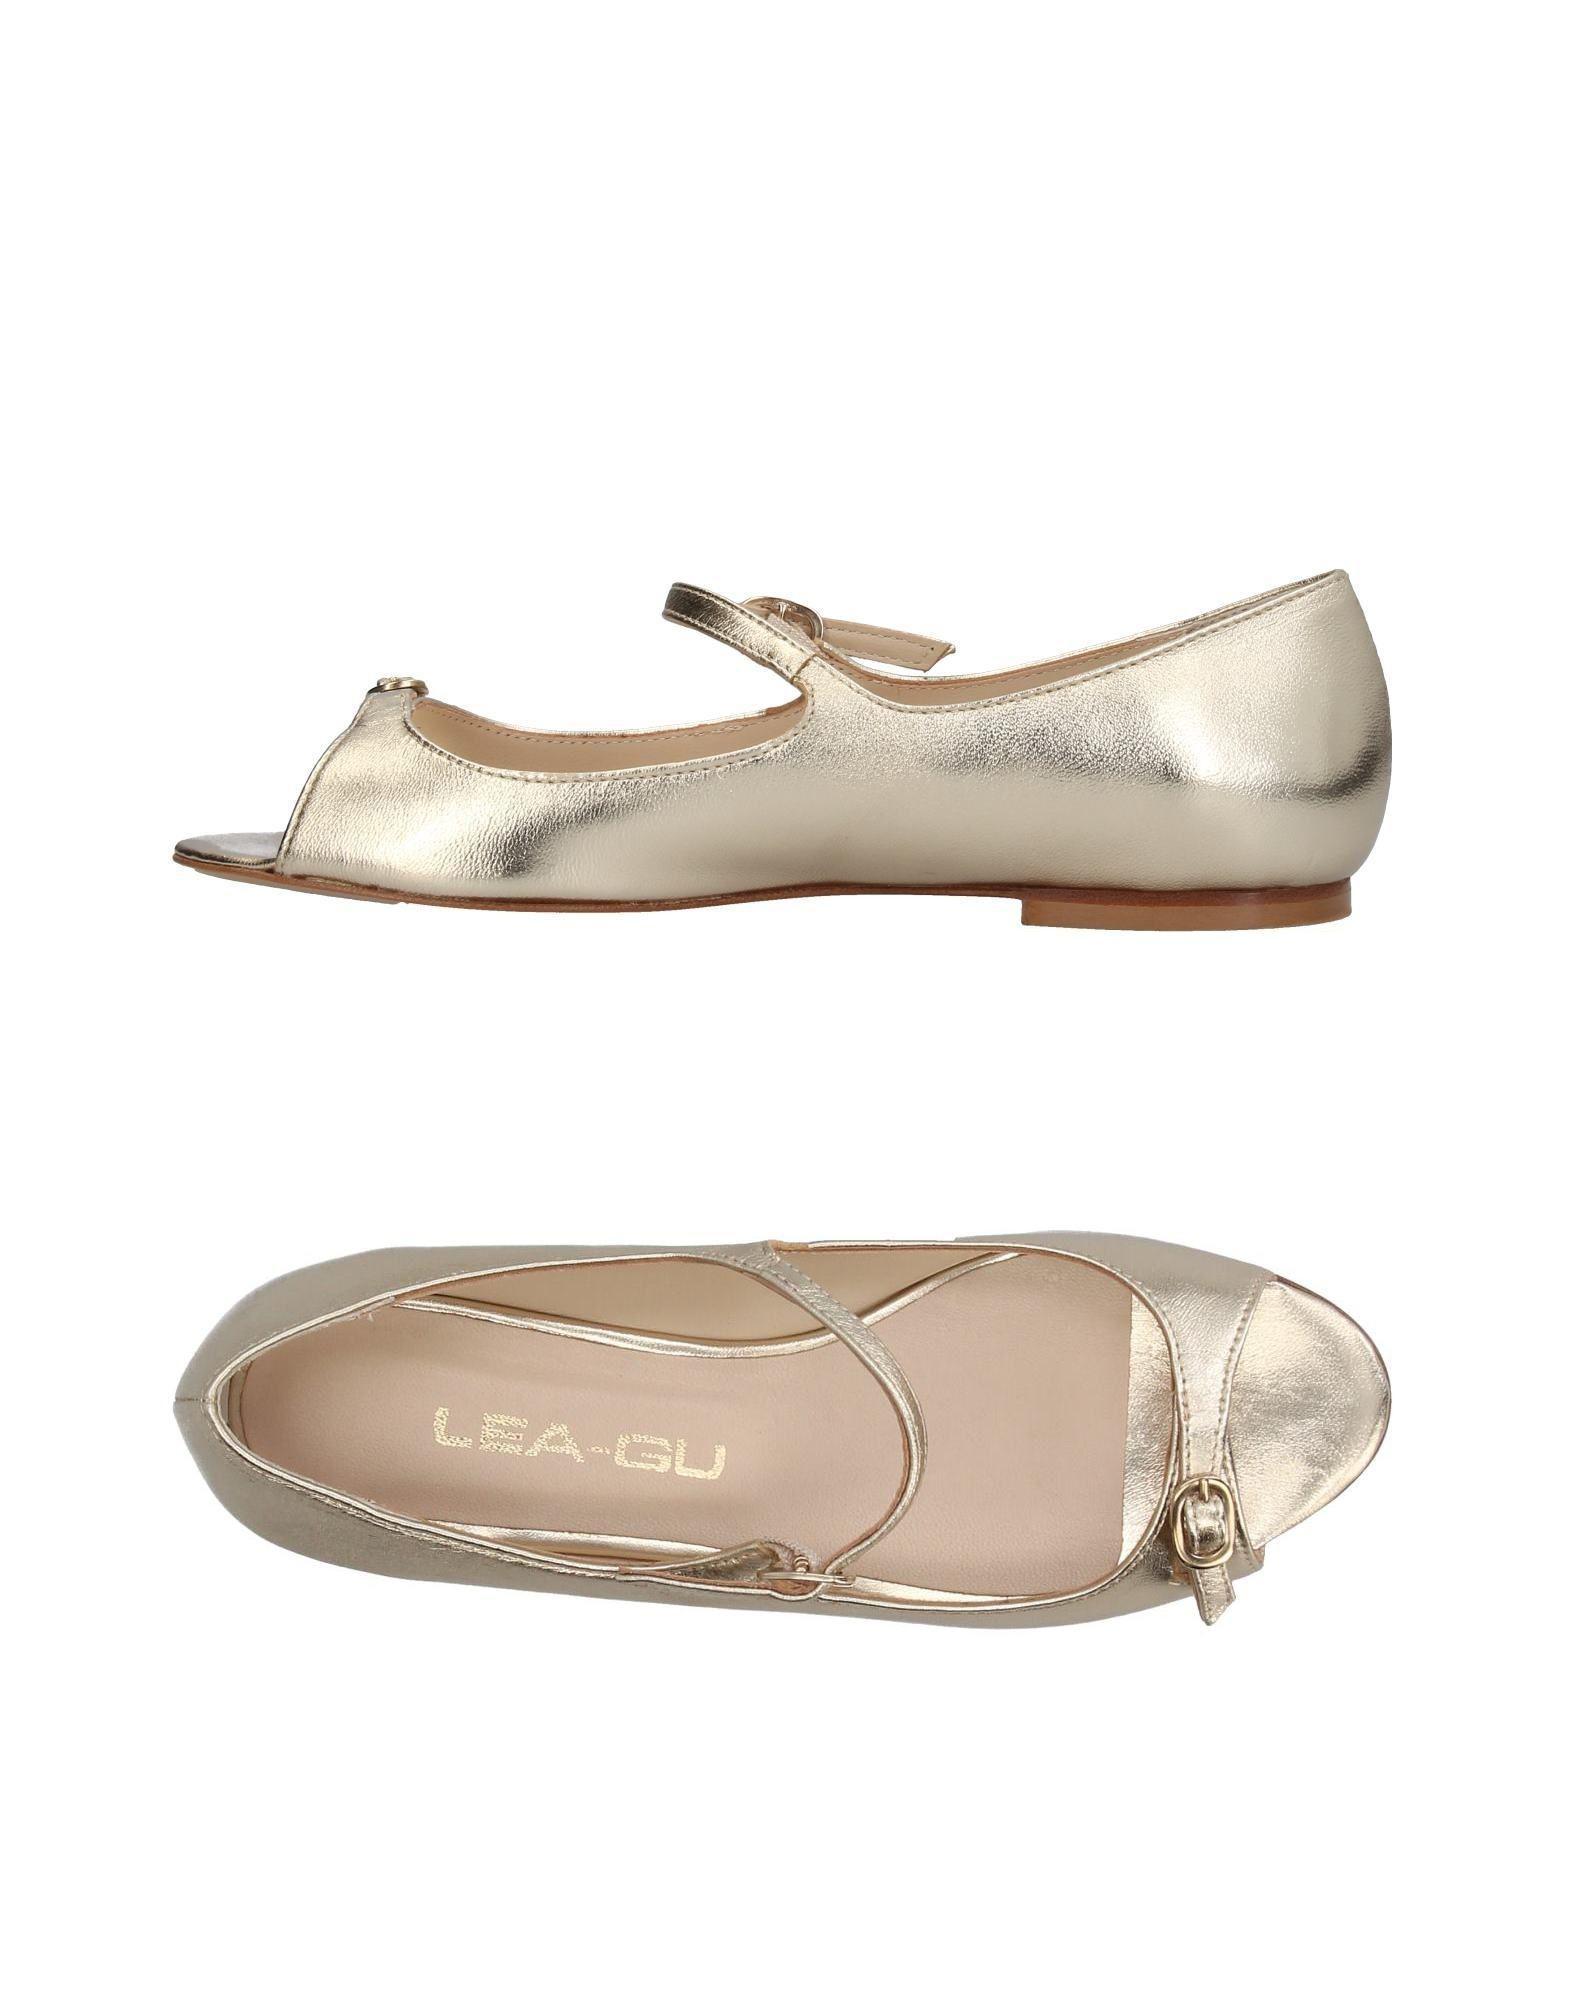 Chaussures - Sandales-gu Ica pBWCOMSXm